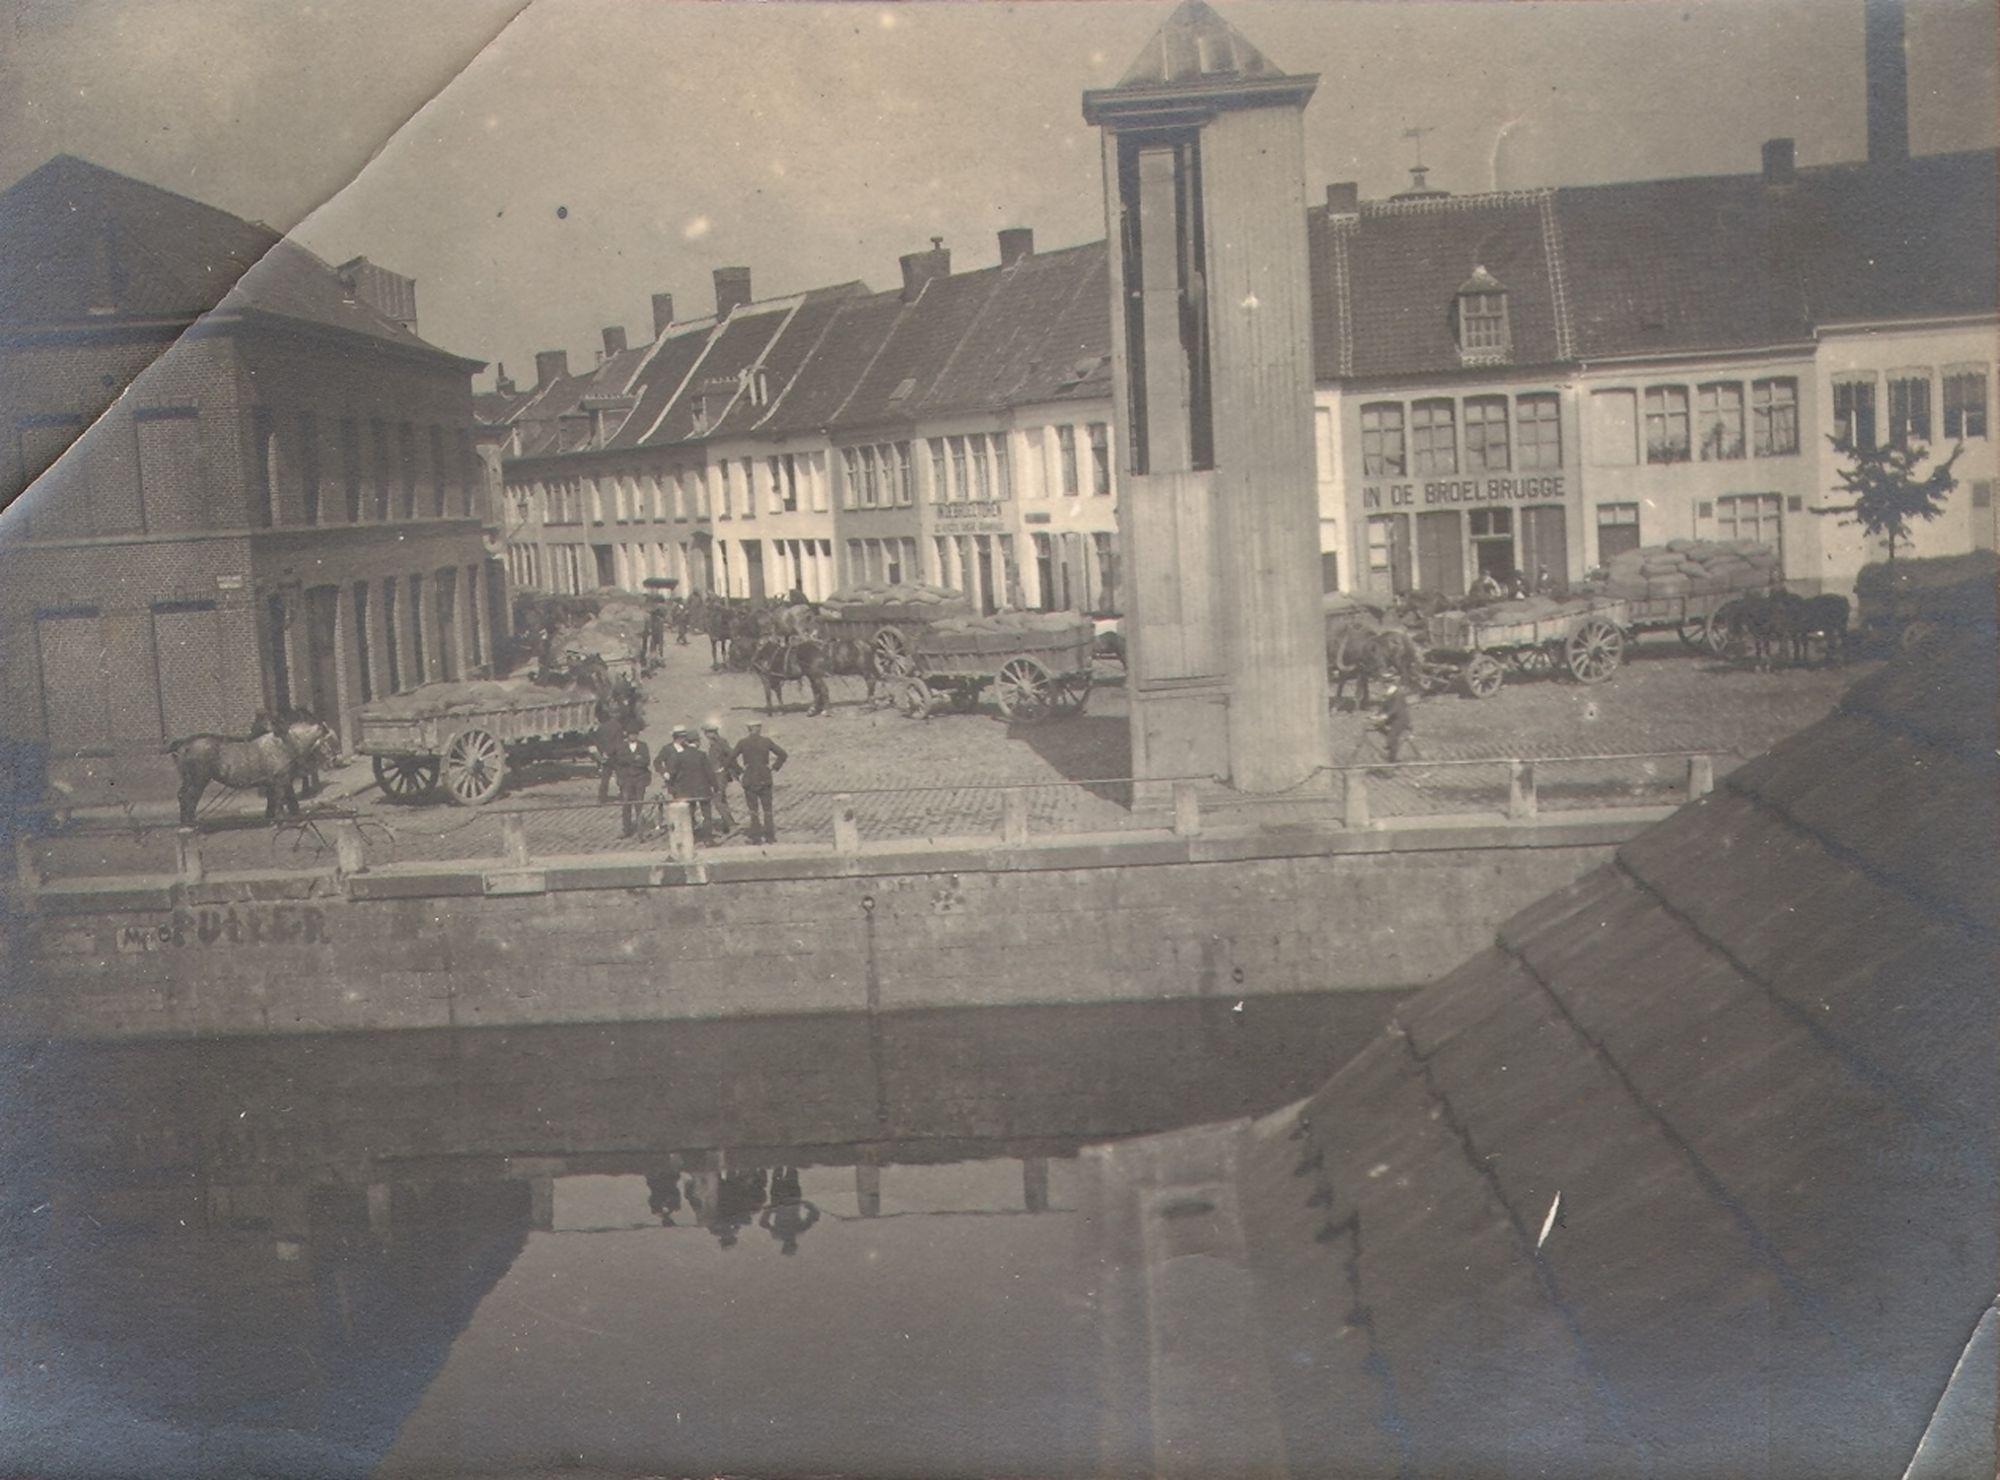 Boeren die op de Broelkaai in Kortrijk toekomen met graan voor de molen van …, gedurende de Eerste Wereldoorlog.